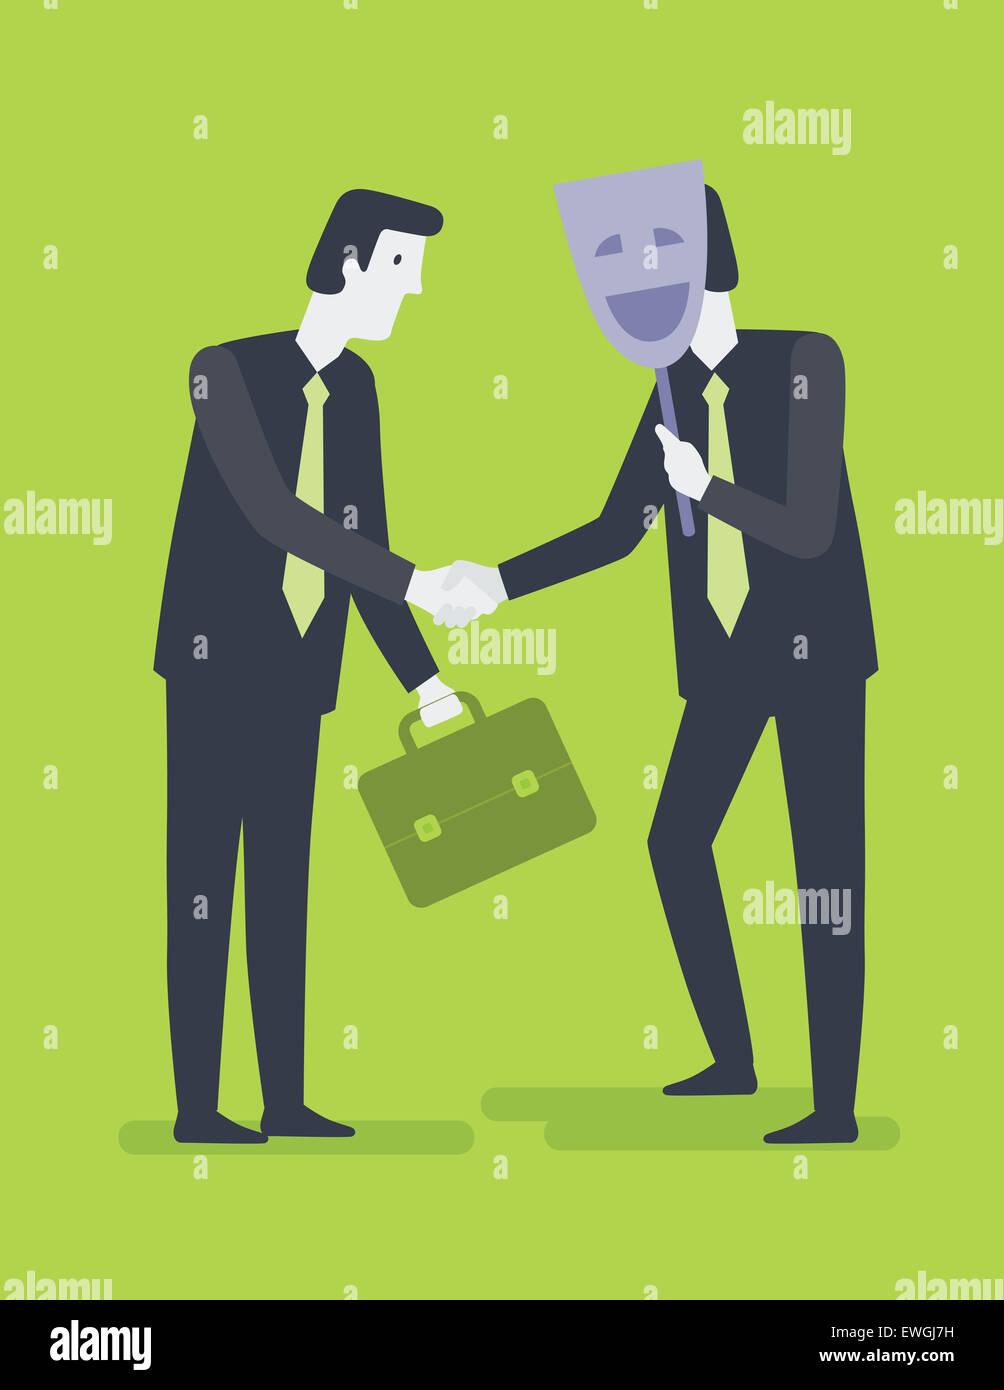 Imprenditore si stringono la mano con il suo partner di nascondersi dietro la maschera Immagini Stock